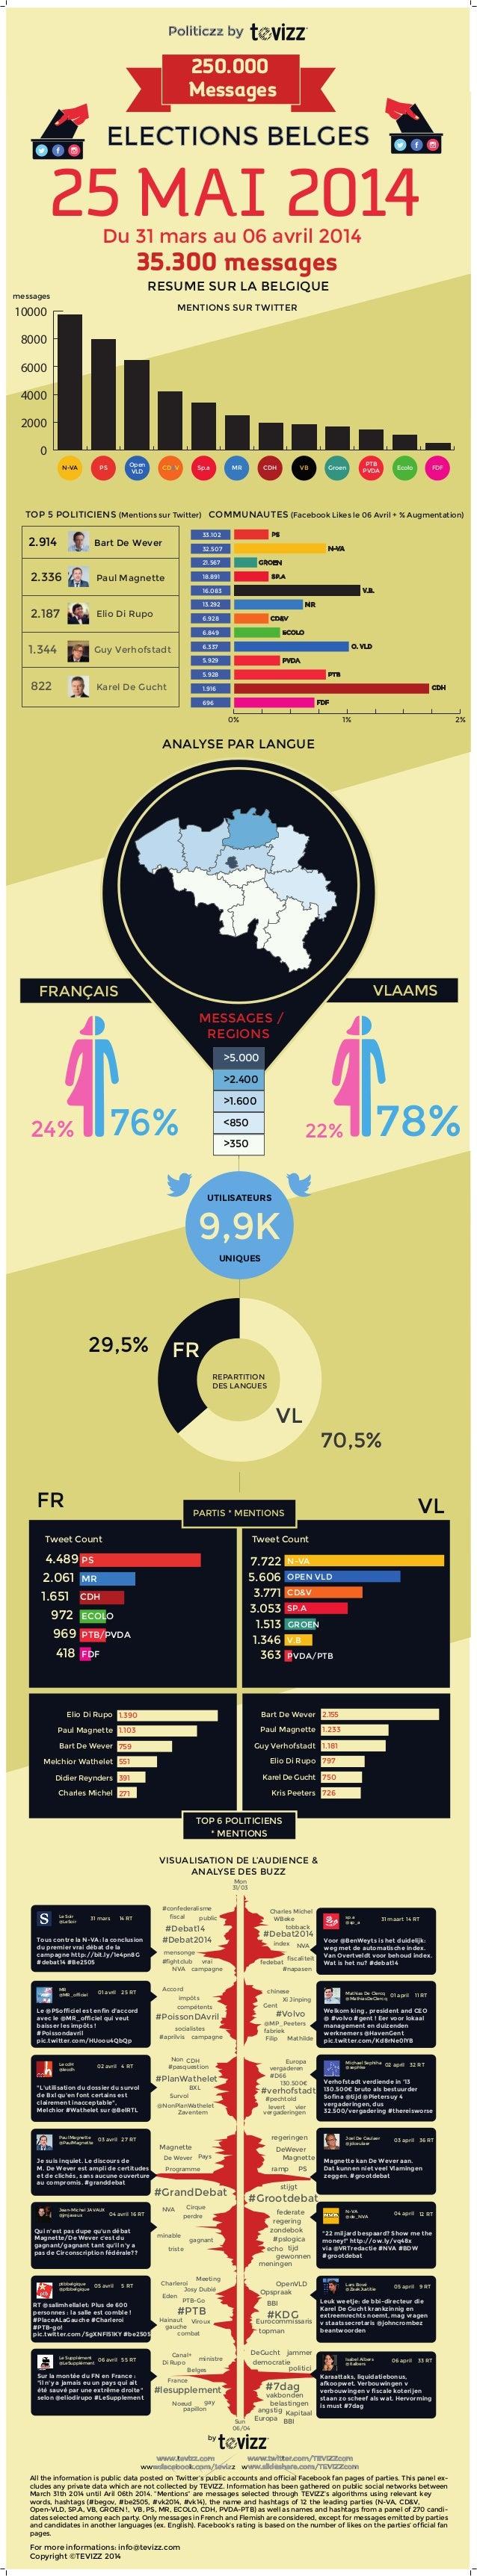 Du 31 mars au 06 avril 2014 ELECTIONS BELGES Politiczz by 25 MAI 2014 RESUME SUR LA BELGIQUE ANALYSE PAR LANGUE FRANÇAIS V...